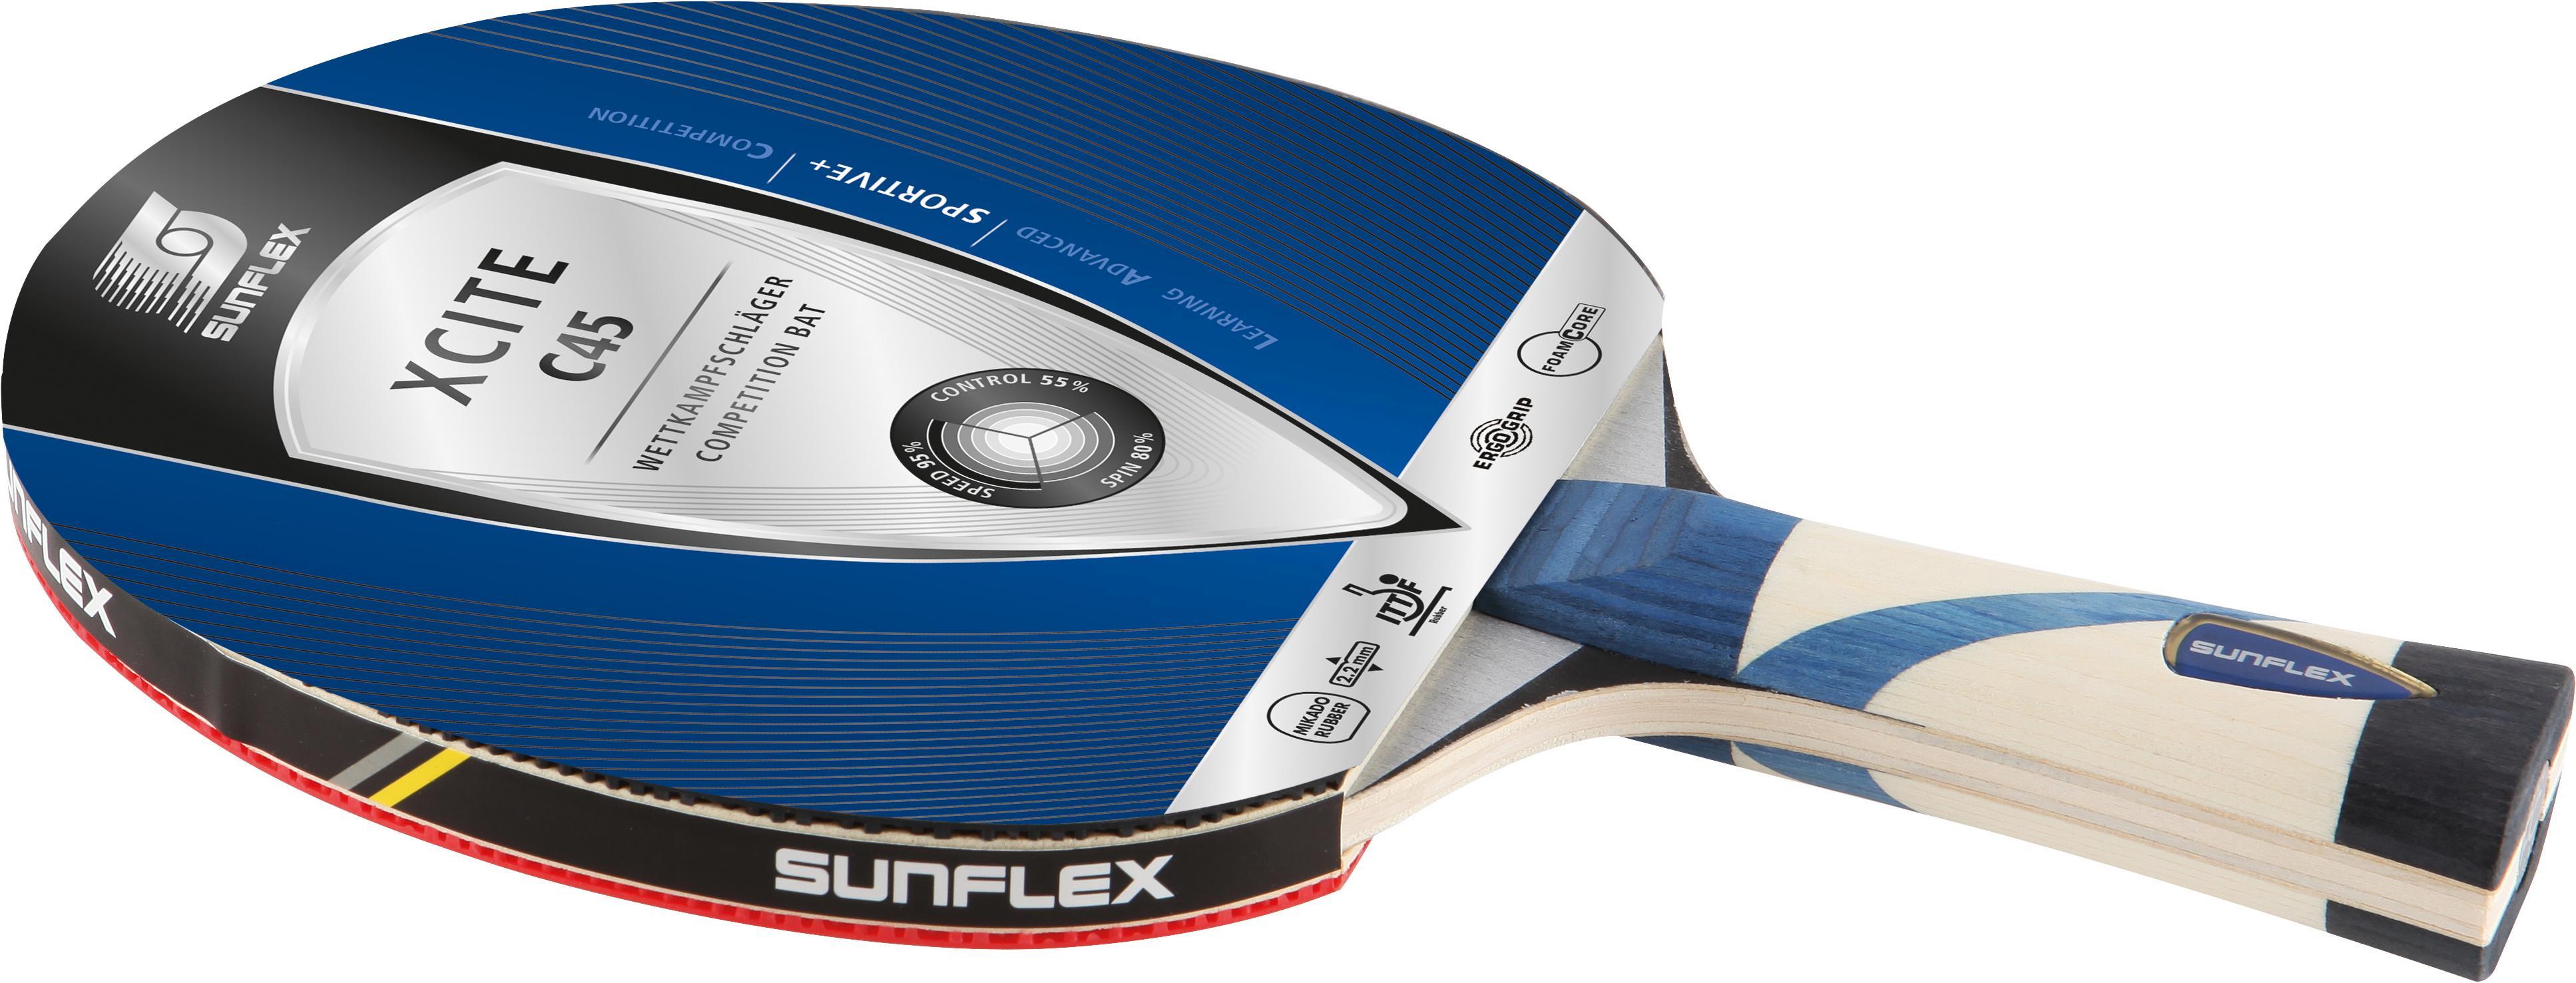 Sunflex Tischtennisschläger Xcite C45 Technik & Freizeit/Sport & Freizeit/Sportarten/Tischtennis/Tischtennis-Ausrüstung